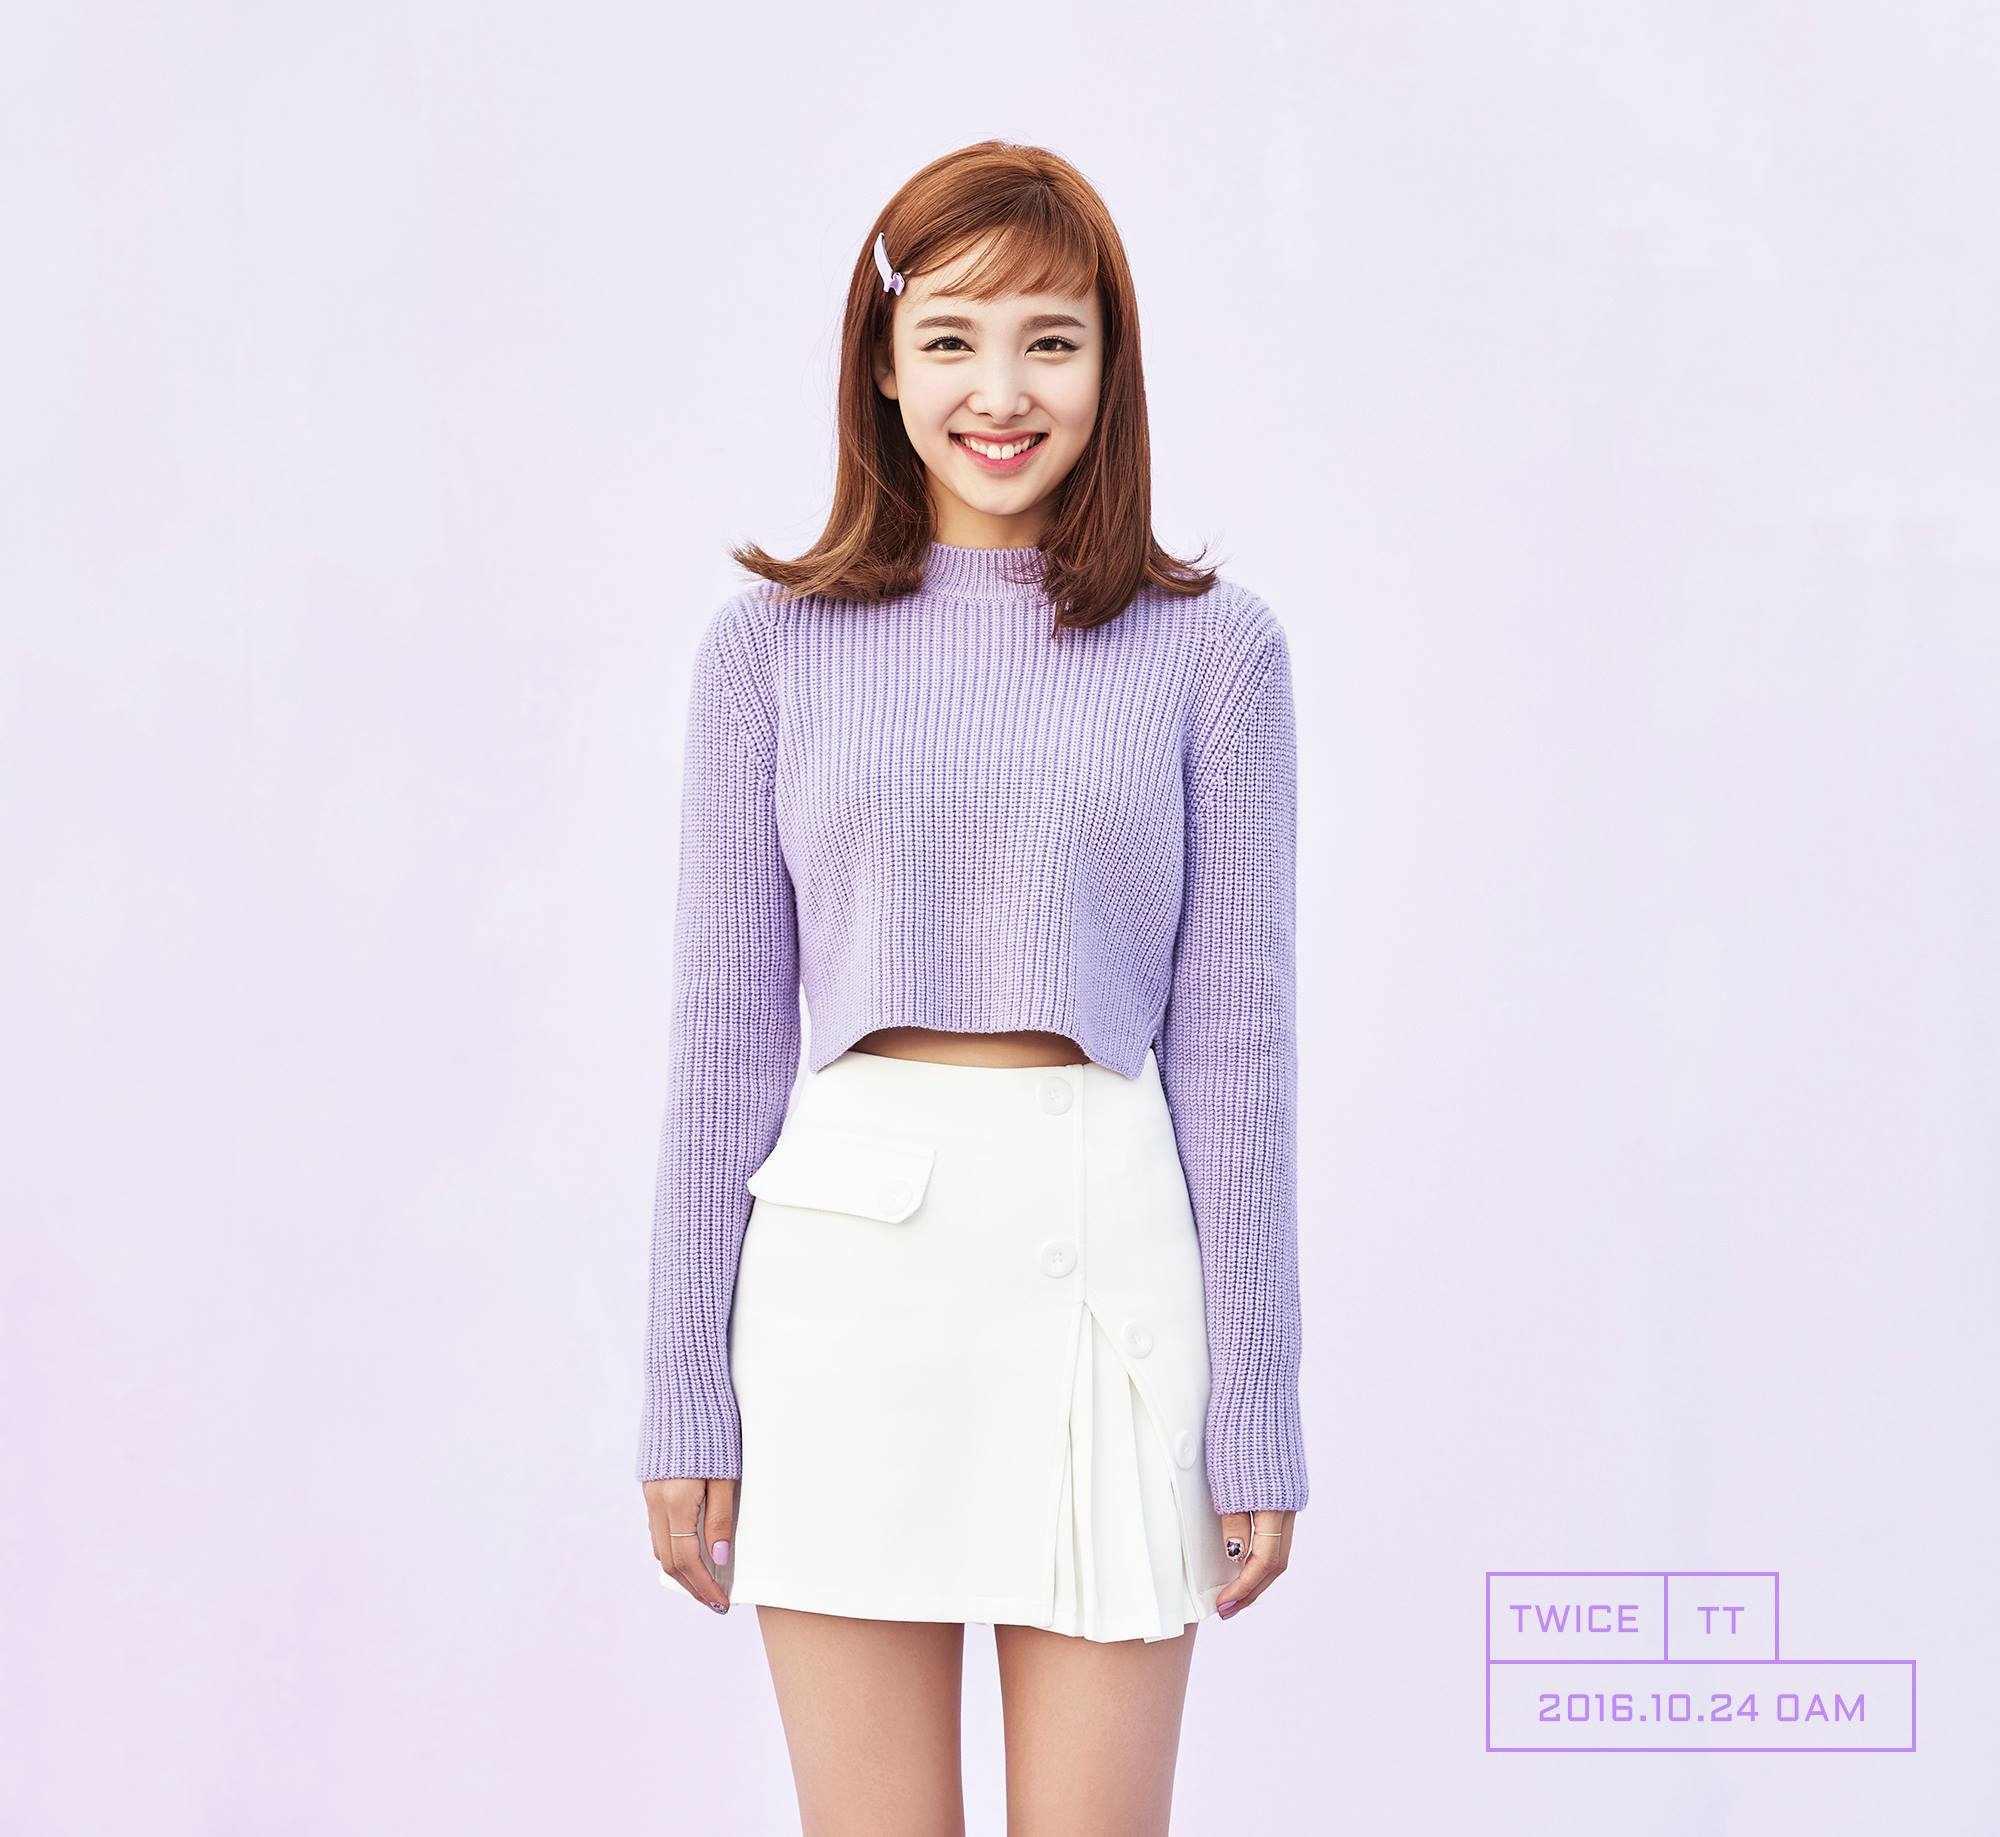 甚至還曾在韓國網友舉辦的門面投票中贏過潤娥,因此在娜璉出道之初就被說和大前輩柳真外貌相似,就知道粉絲們對娜璉顏值的肯定啦!